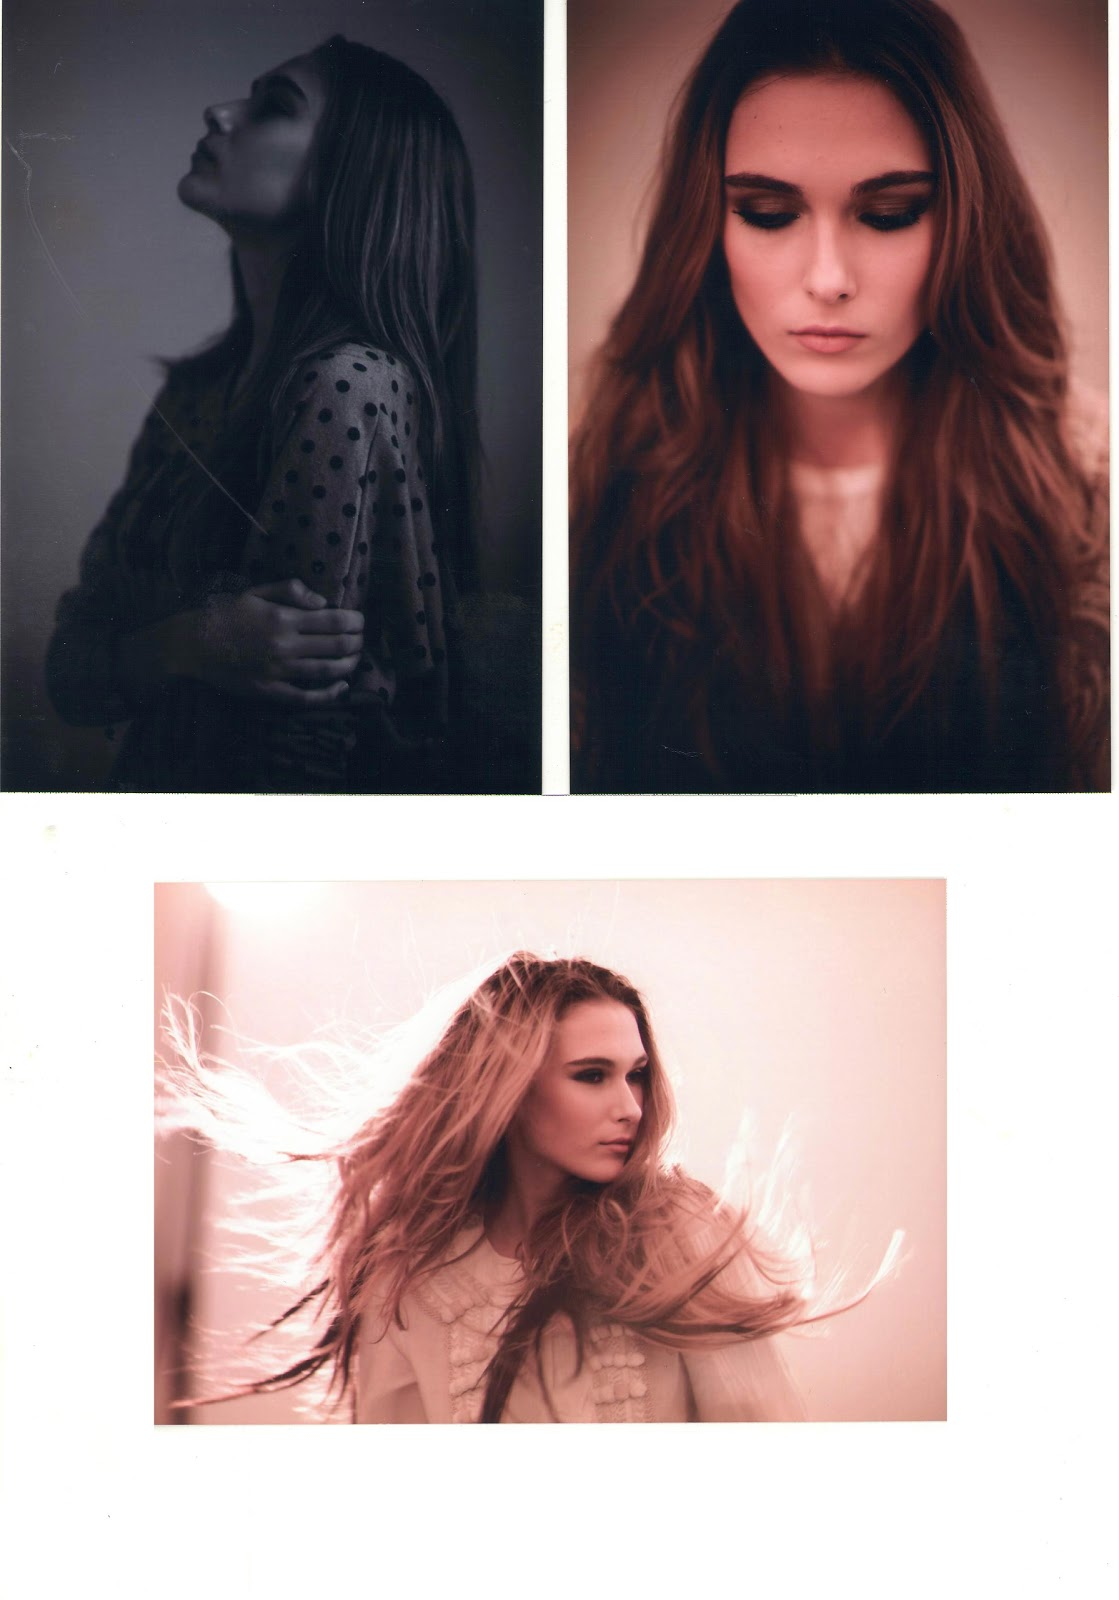 http://2.bp.blogspot.com/-sxCpzpGjWpY/T5q0hCyP0QI/AAAAAAAAH6M/oOhKQGnj_10/s1600/Anastasia-Shalaeva-test-HK3.jpg